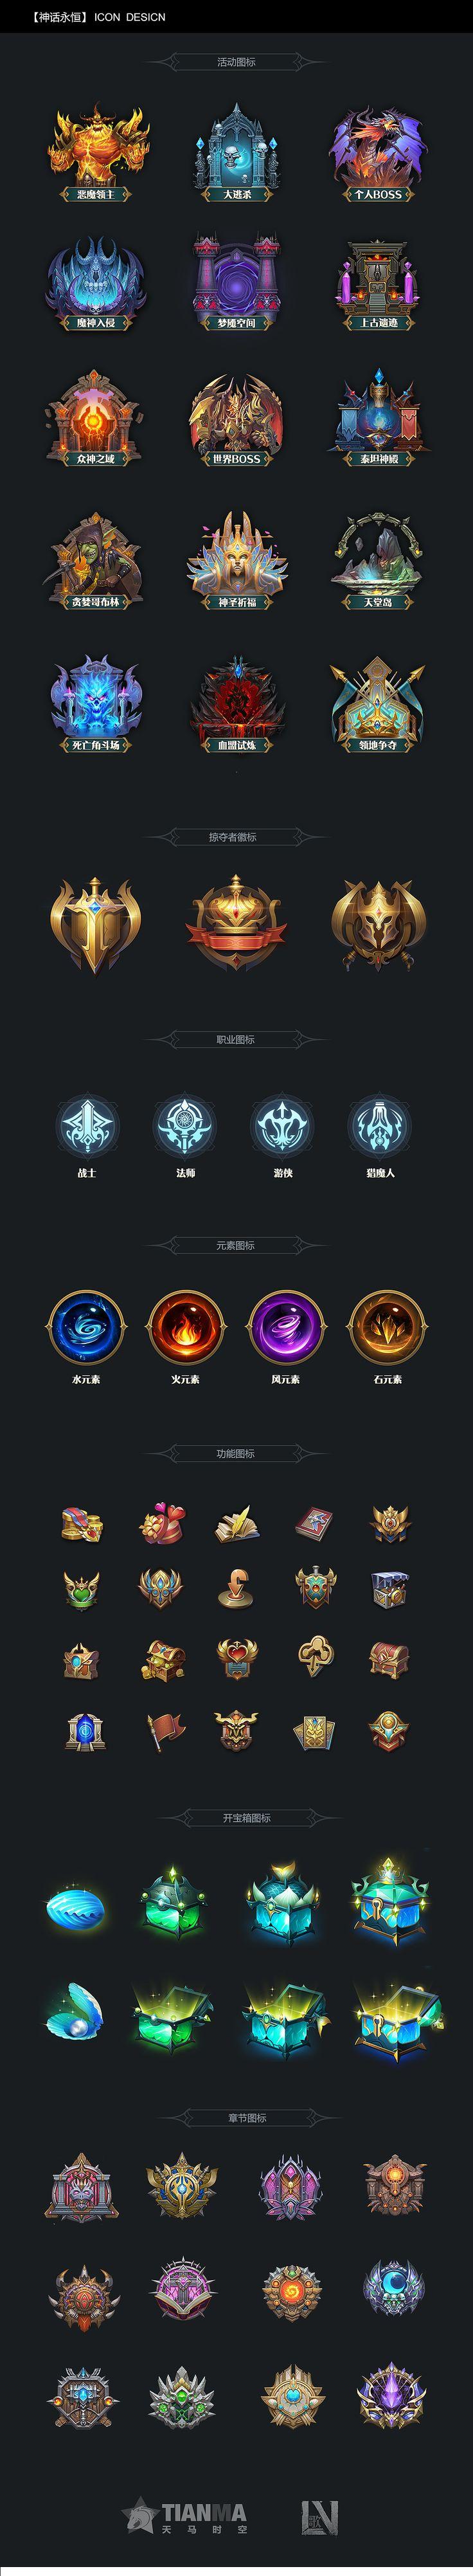 【神话永恒】UI设计总结|UI|游戏UI|lv歌 - 原创作品 - 站酷 (ZCOOL)